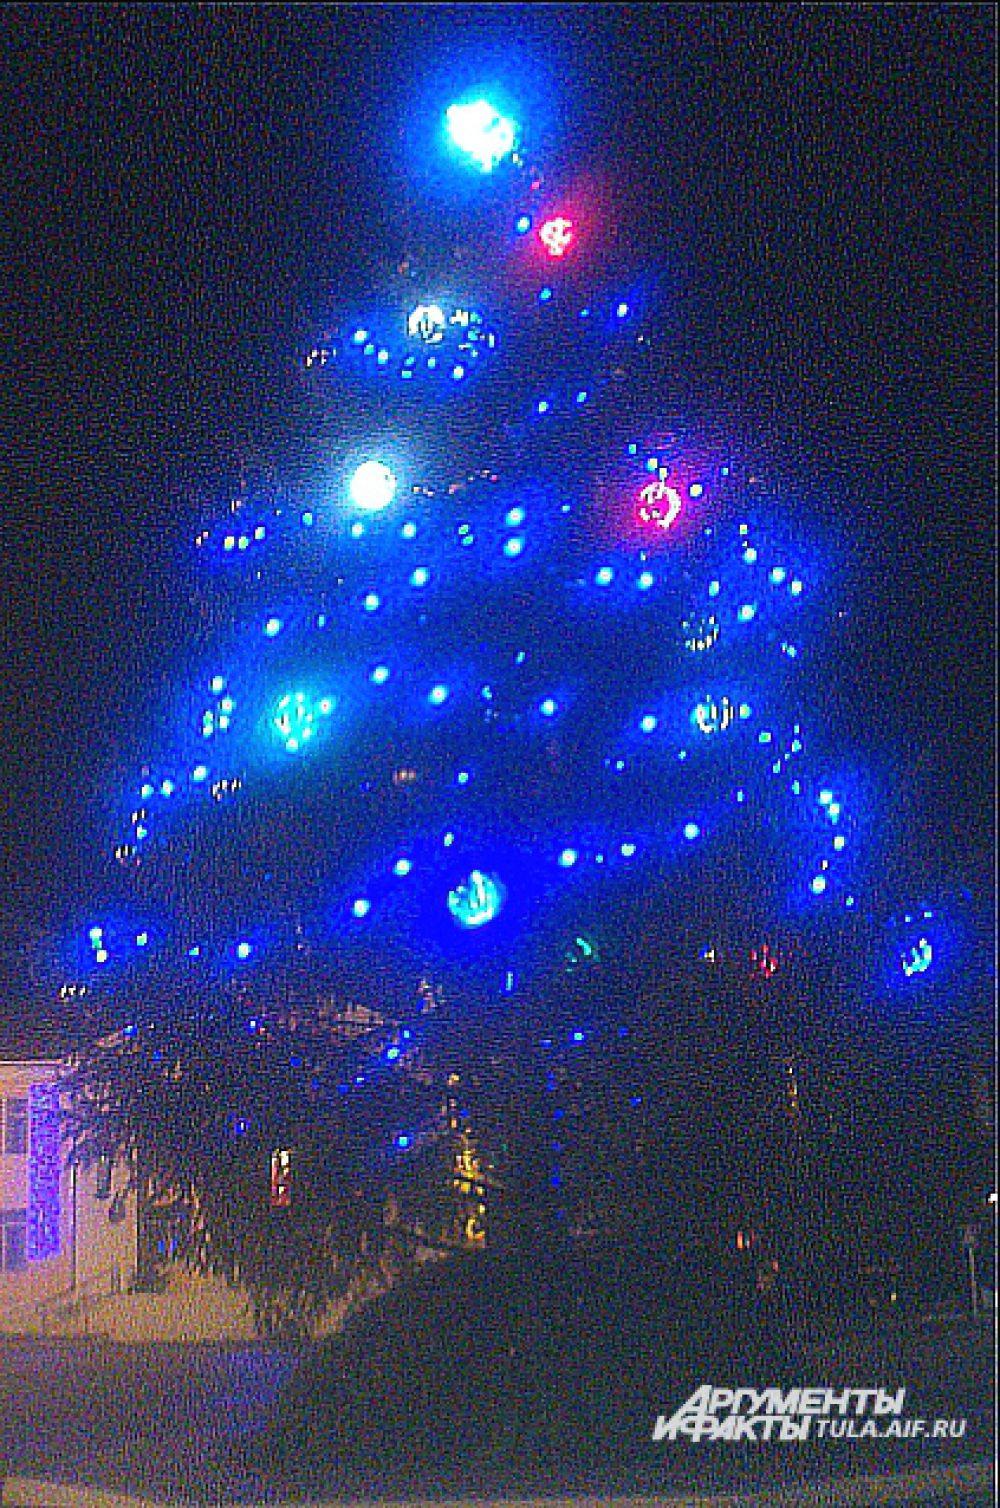 В центре Суворова также стоит новогоднее дерево в красочном наряде